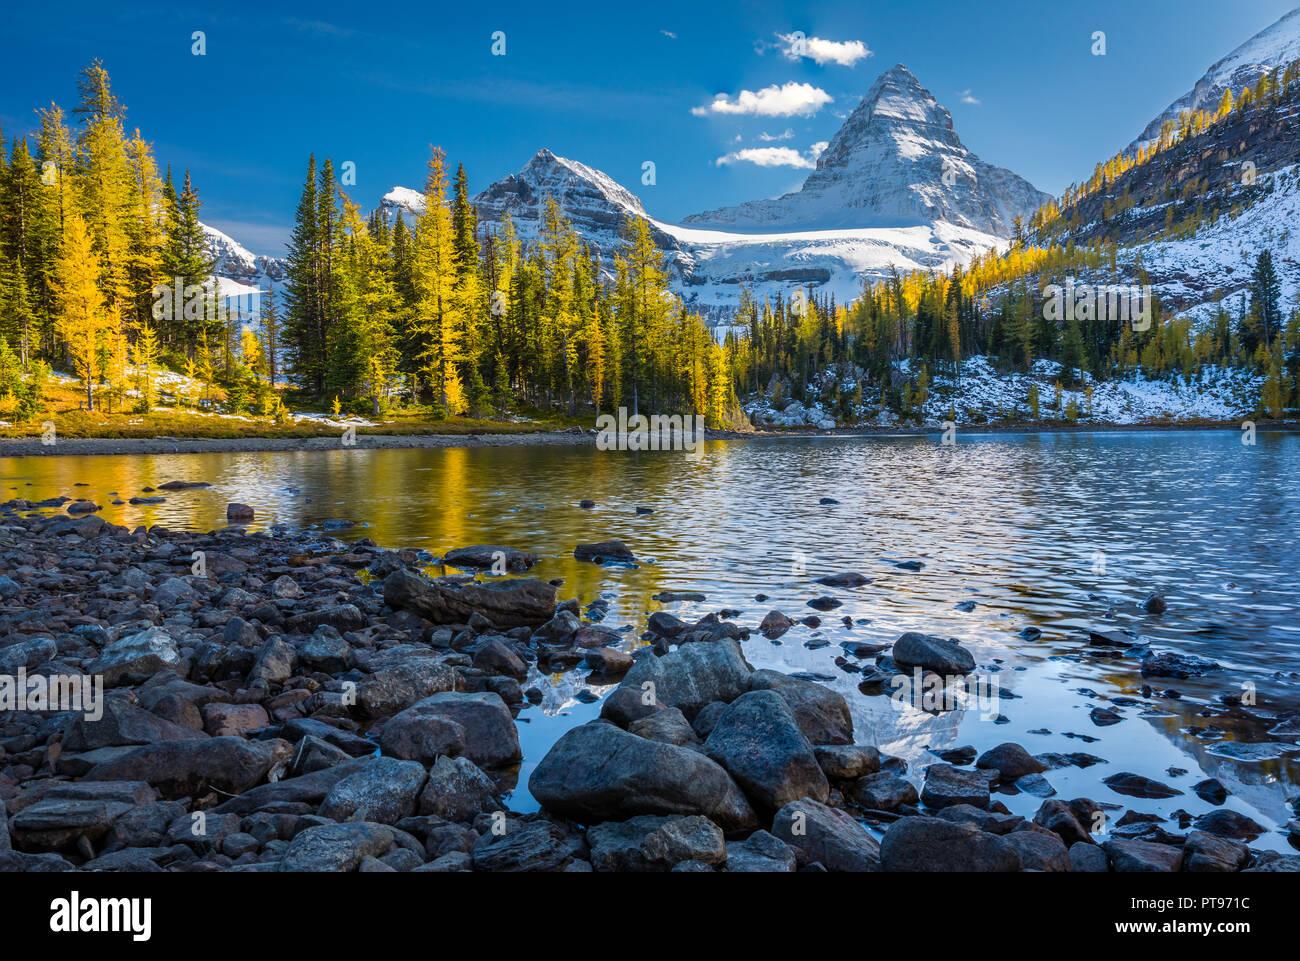 Monte Assiniboine Provincial Park es un parque provincial en British Columbia, Canadá, situado alrededor del monte Assiniboine. Foto de stock